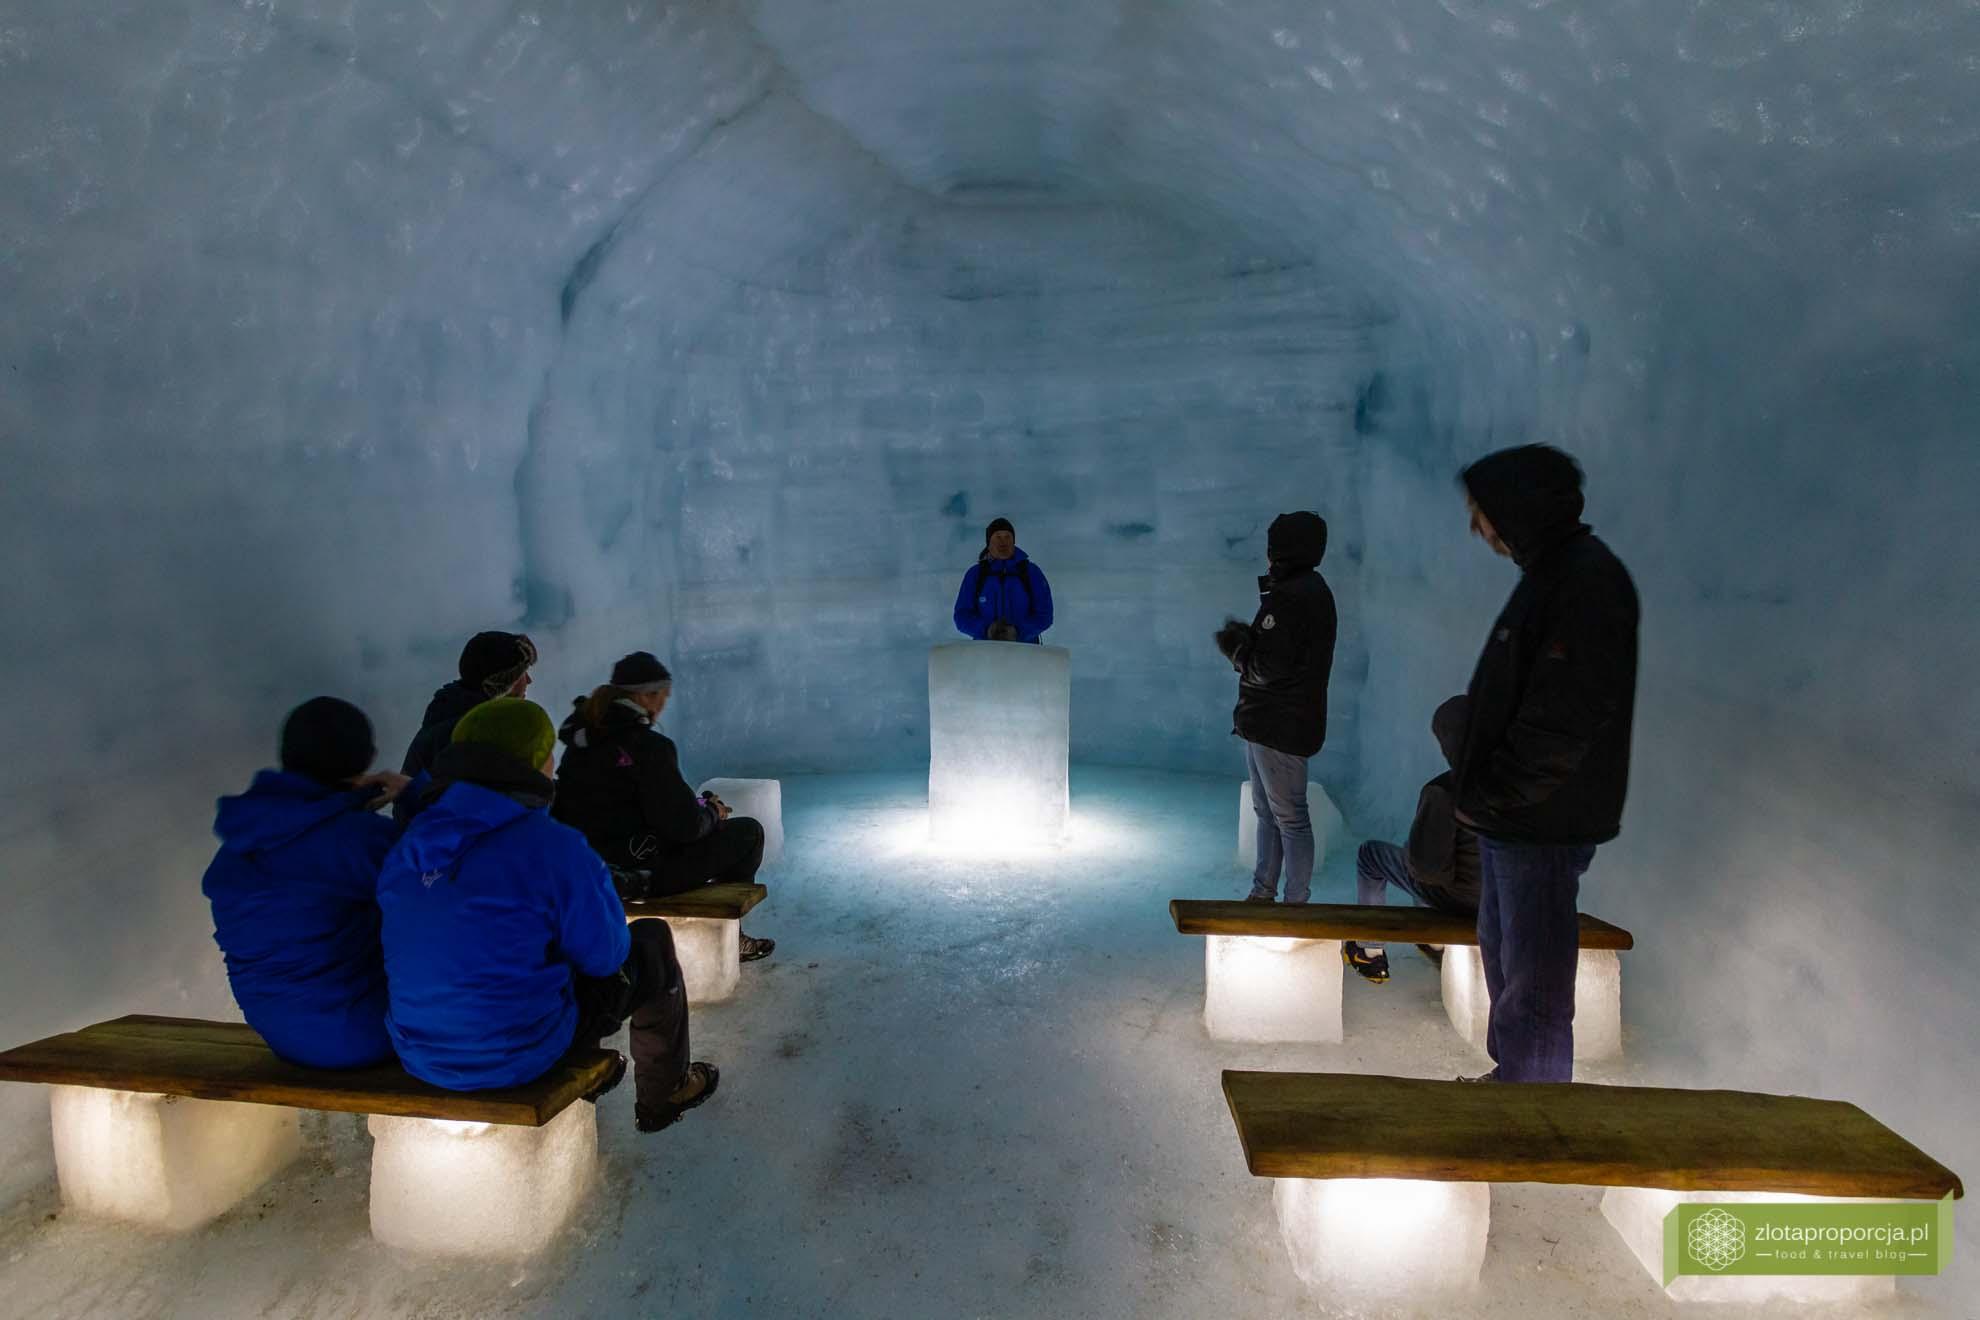 Islandia, atrakcje Islandii, Into the Glaceir, lodowiec Islandia; wnętrze lodowca; Langjökull; Isladnia wycieczki lodowiec; Islandia trekking po lodowcu;